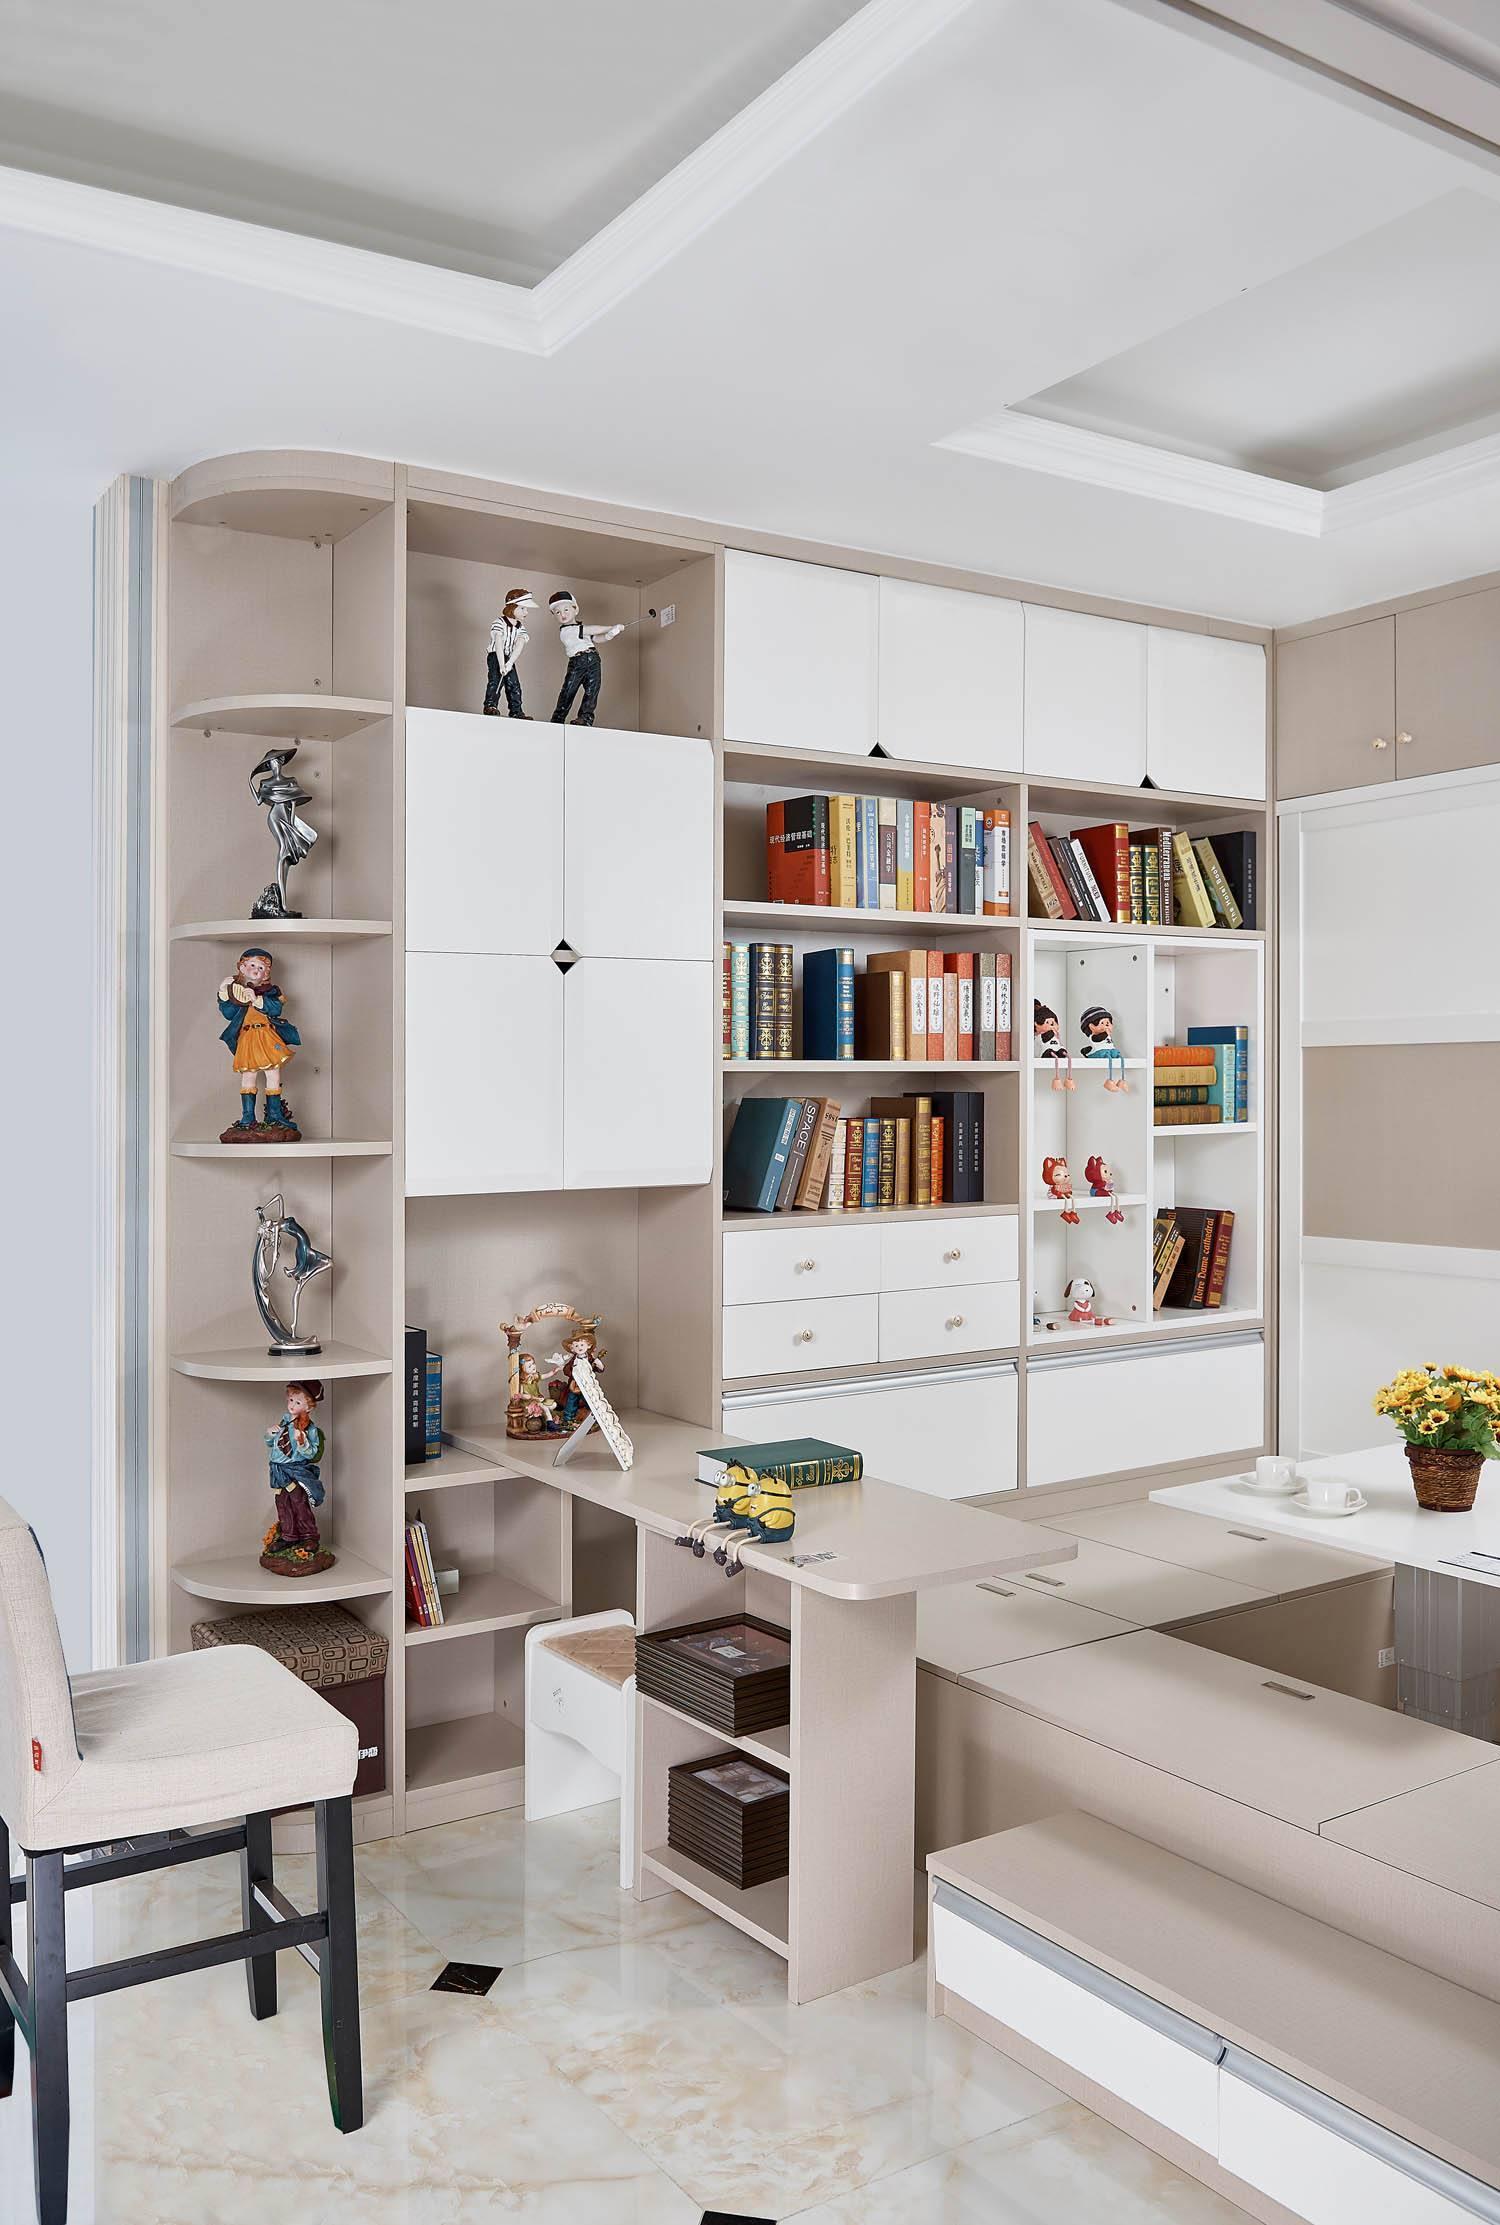 儿童榻榻米书房15平米现代风格装修效果图